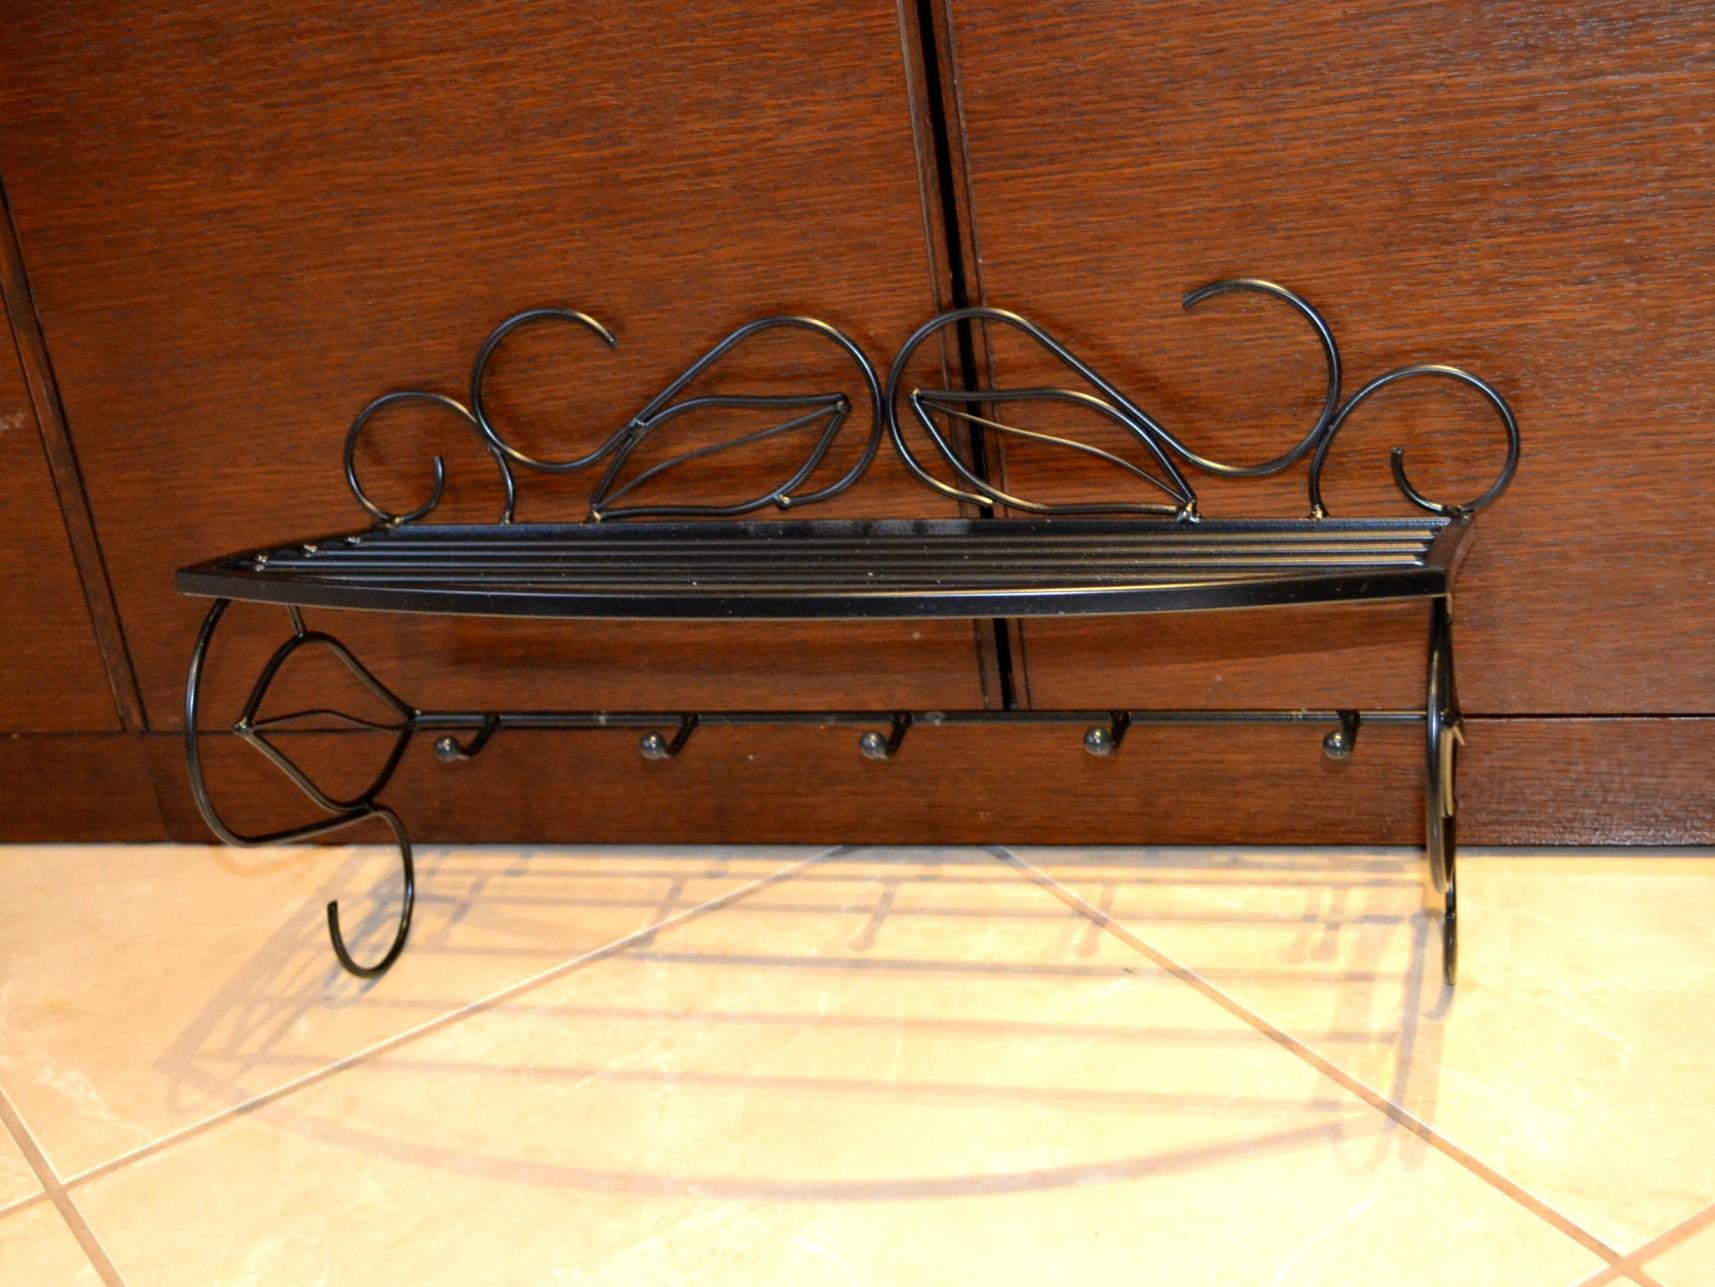 schuhregal kleiderhaken schuhschrank schuhst nder edel. Black Bedroom Furniture Sets. Home Design Ideas